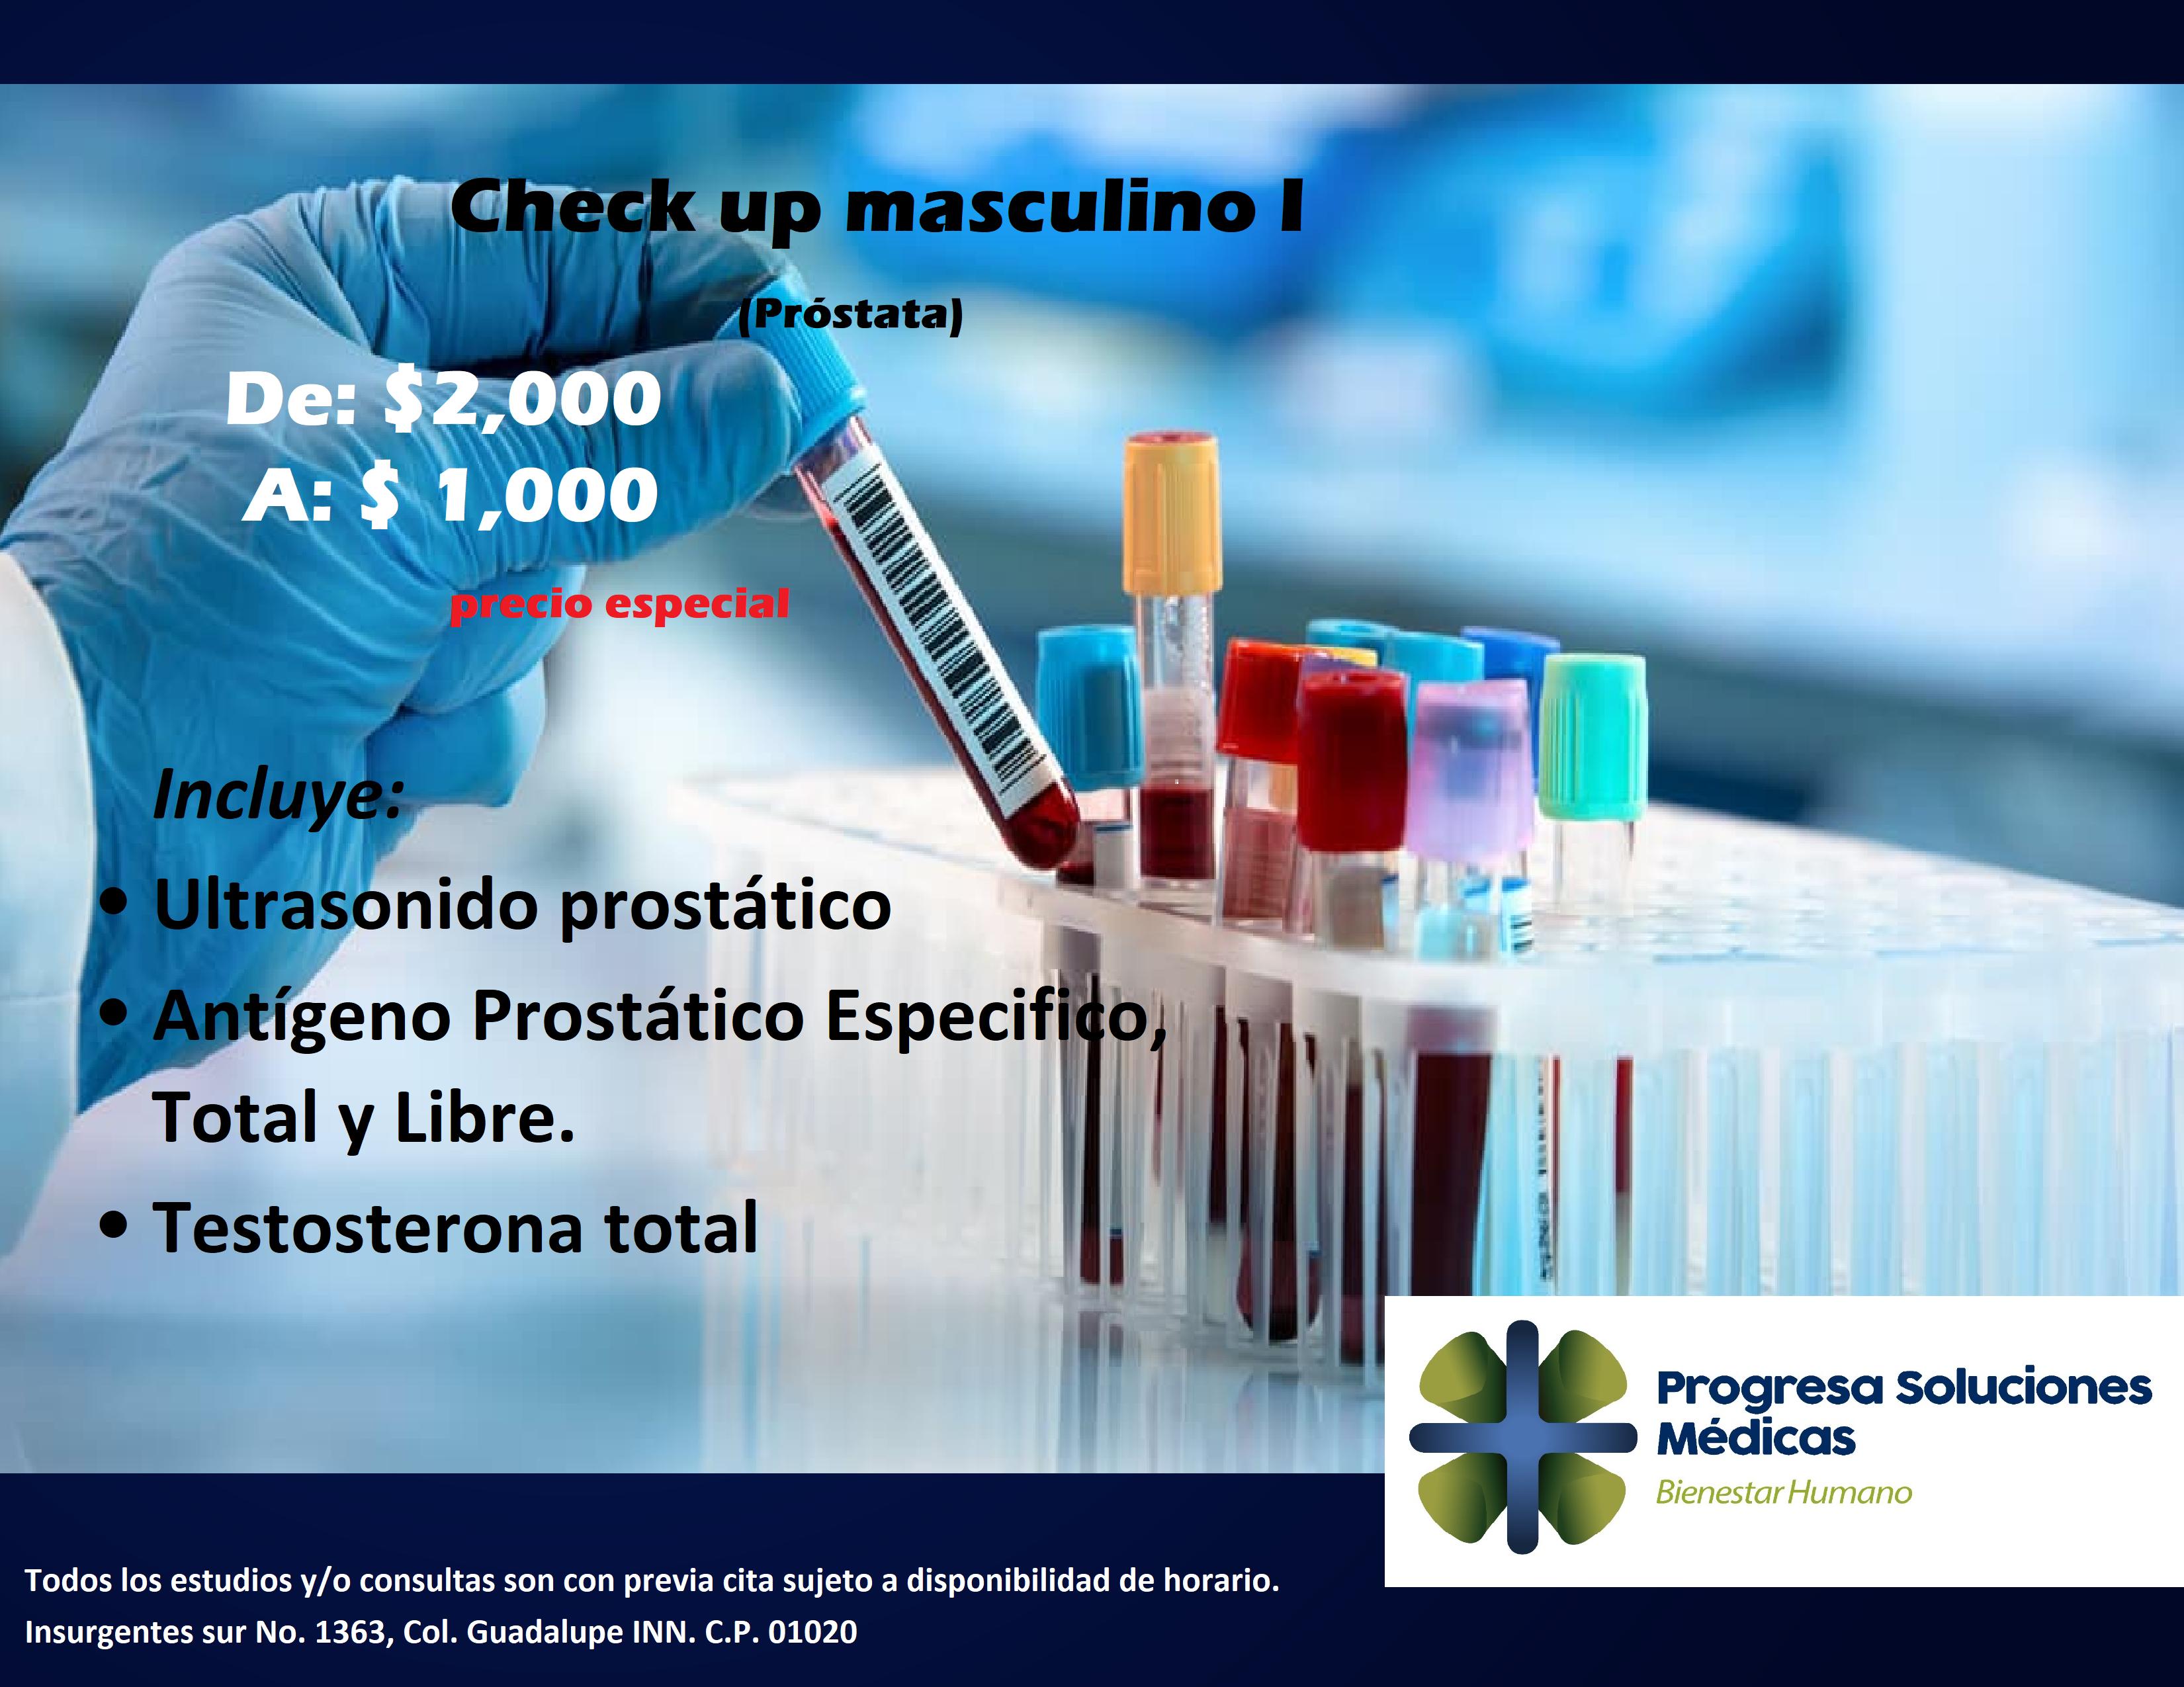 PROGRESA CHECK UP MASCULINO